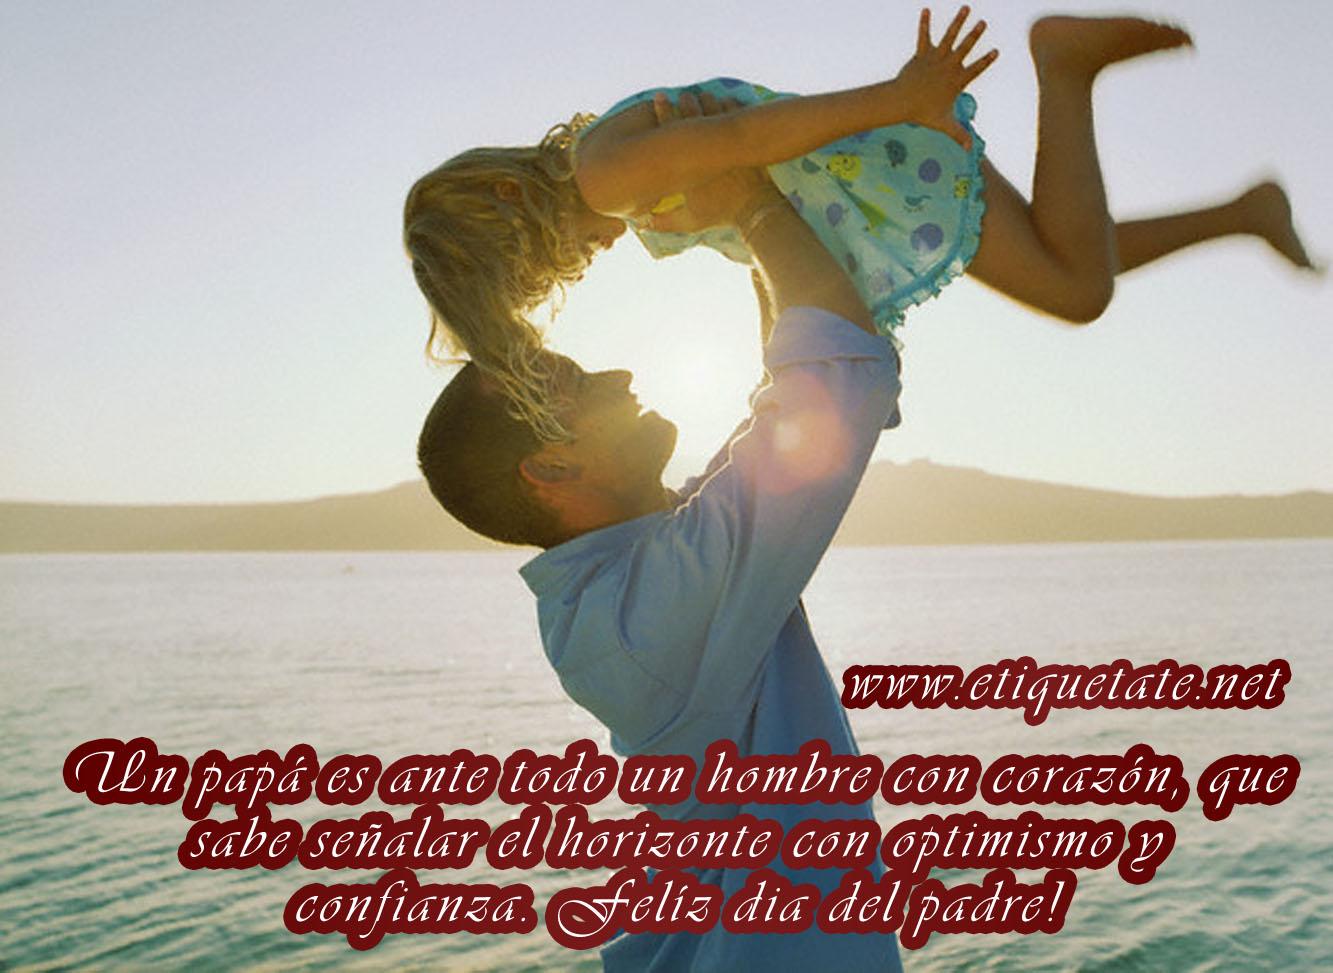 un papa es ante todo un hombre con corazon que sabe senalar el